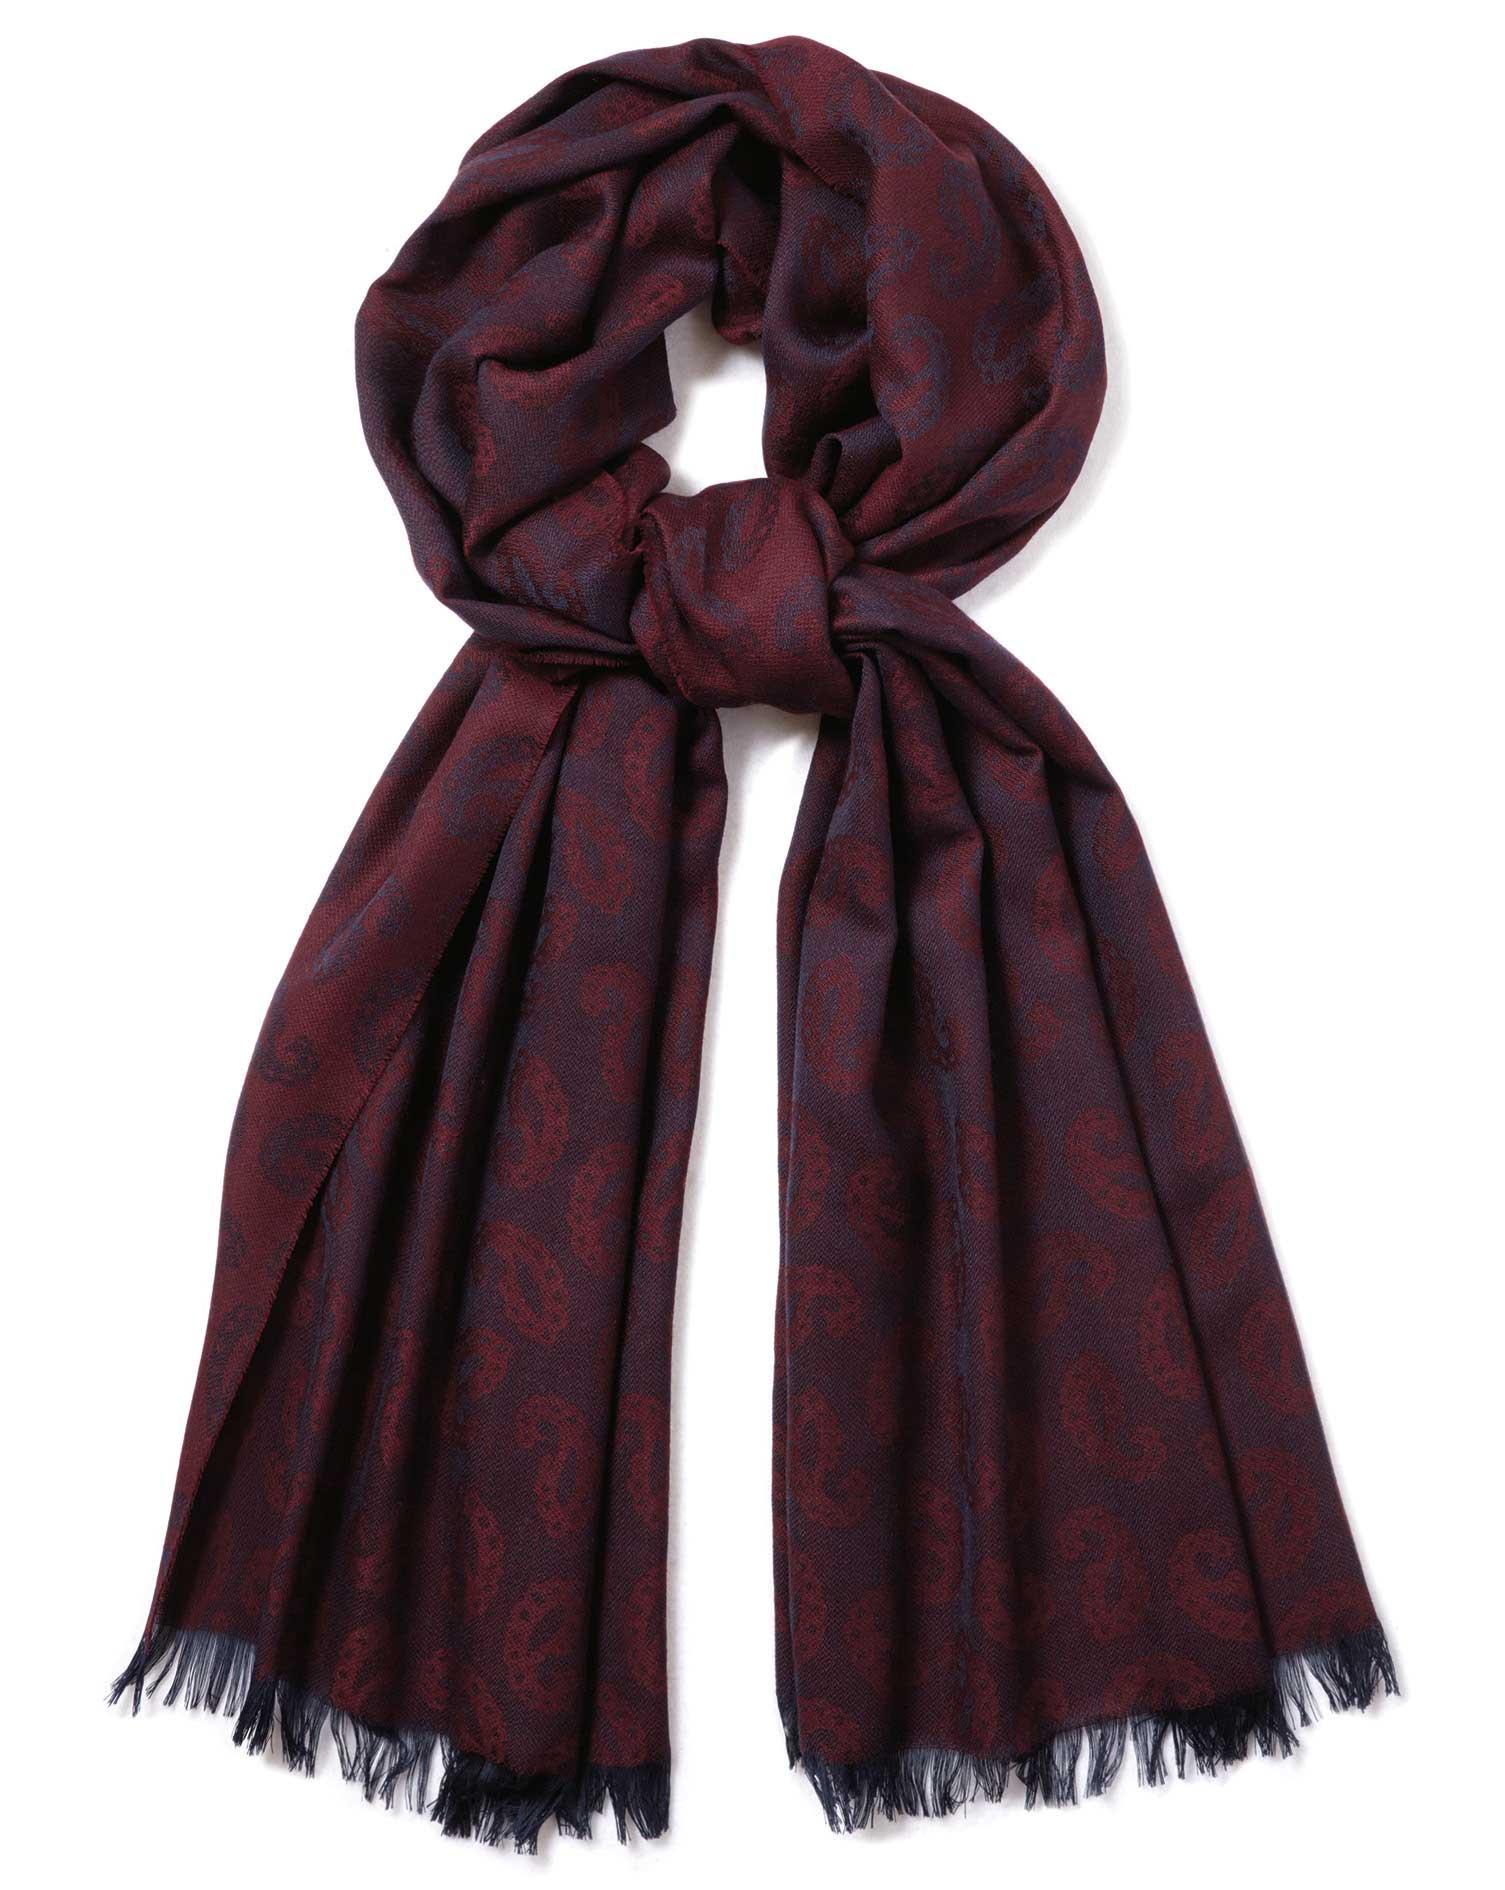 más fotos bd966 7f343 Bufanda burdeos de lana merina ligera con estampado de cashmere